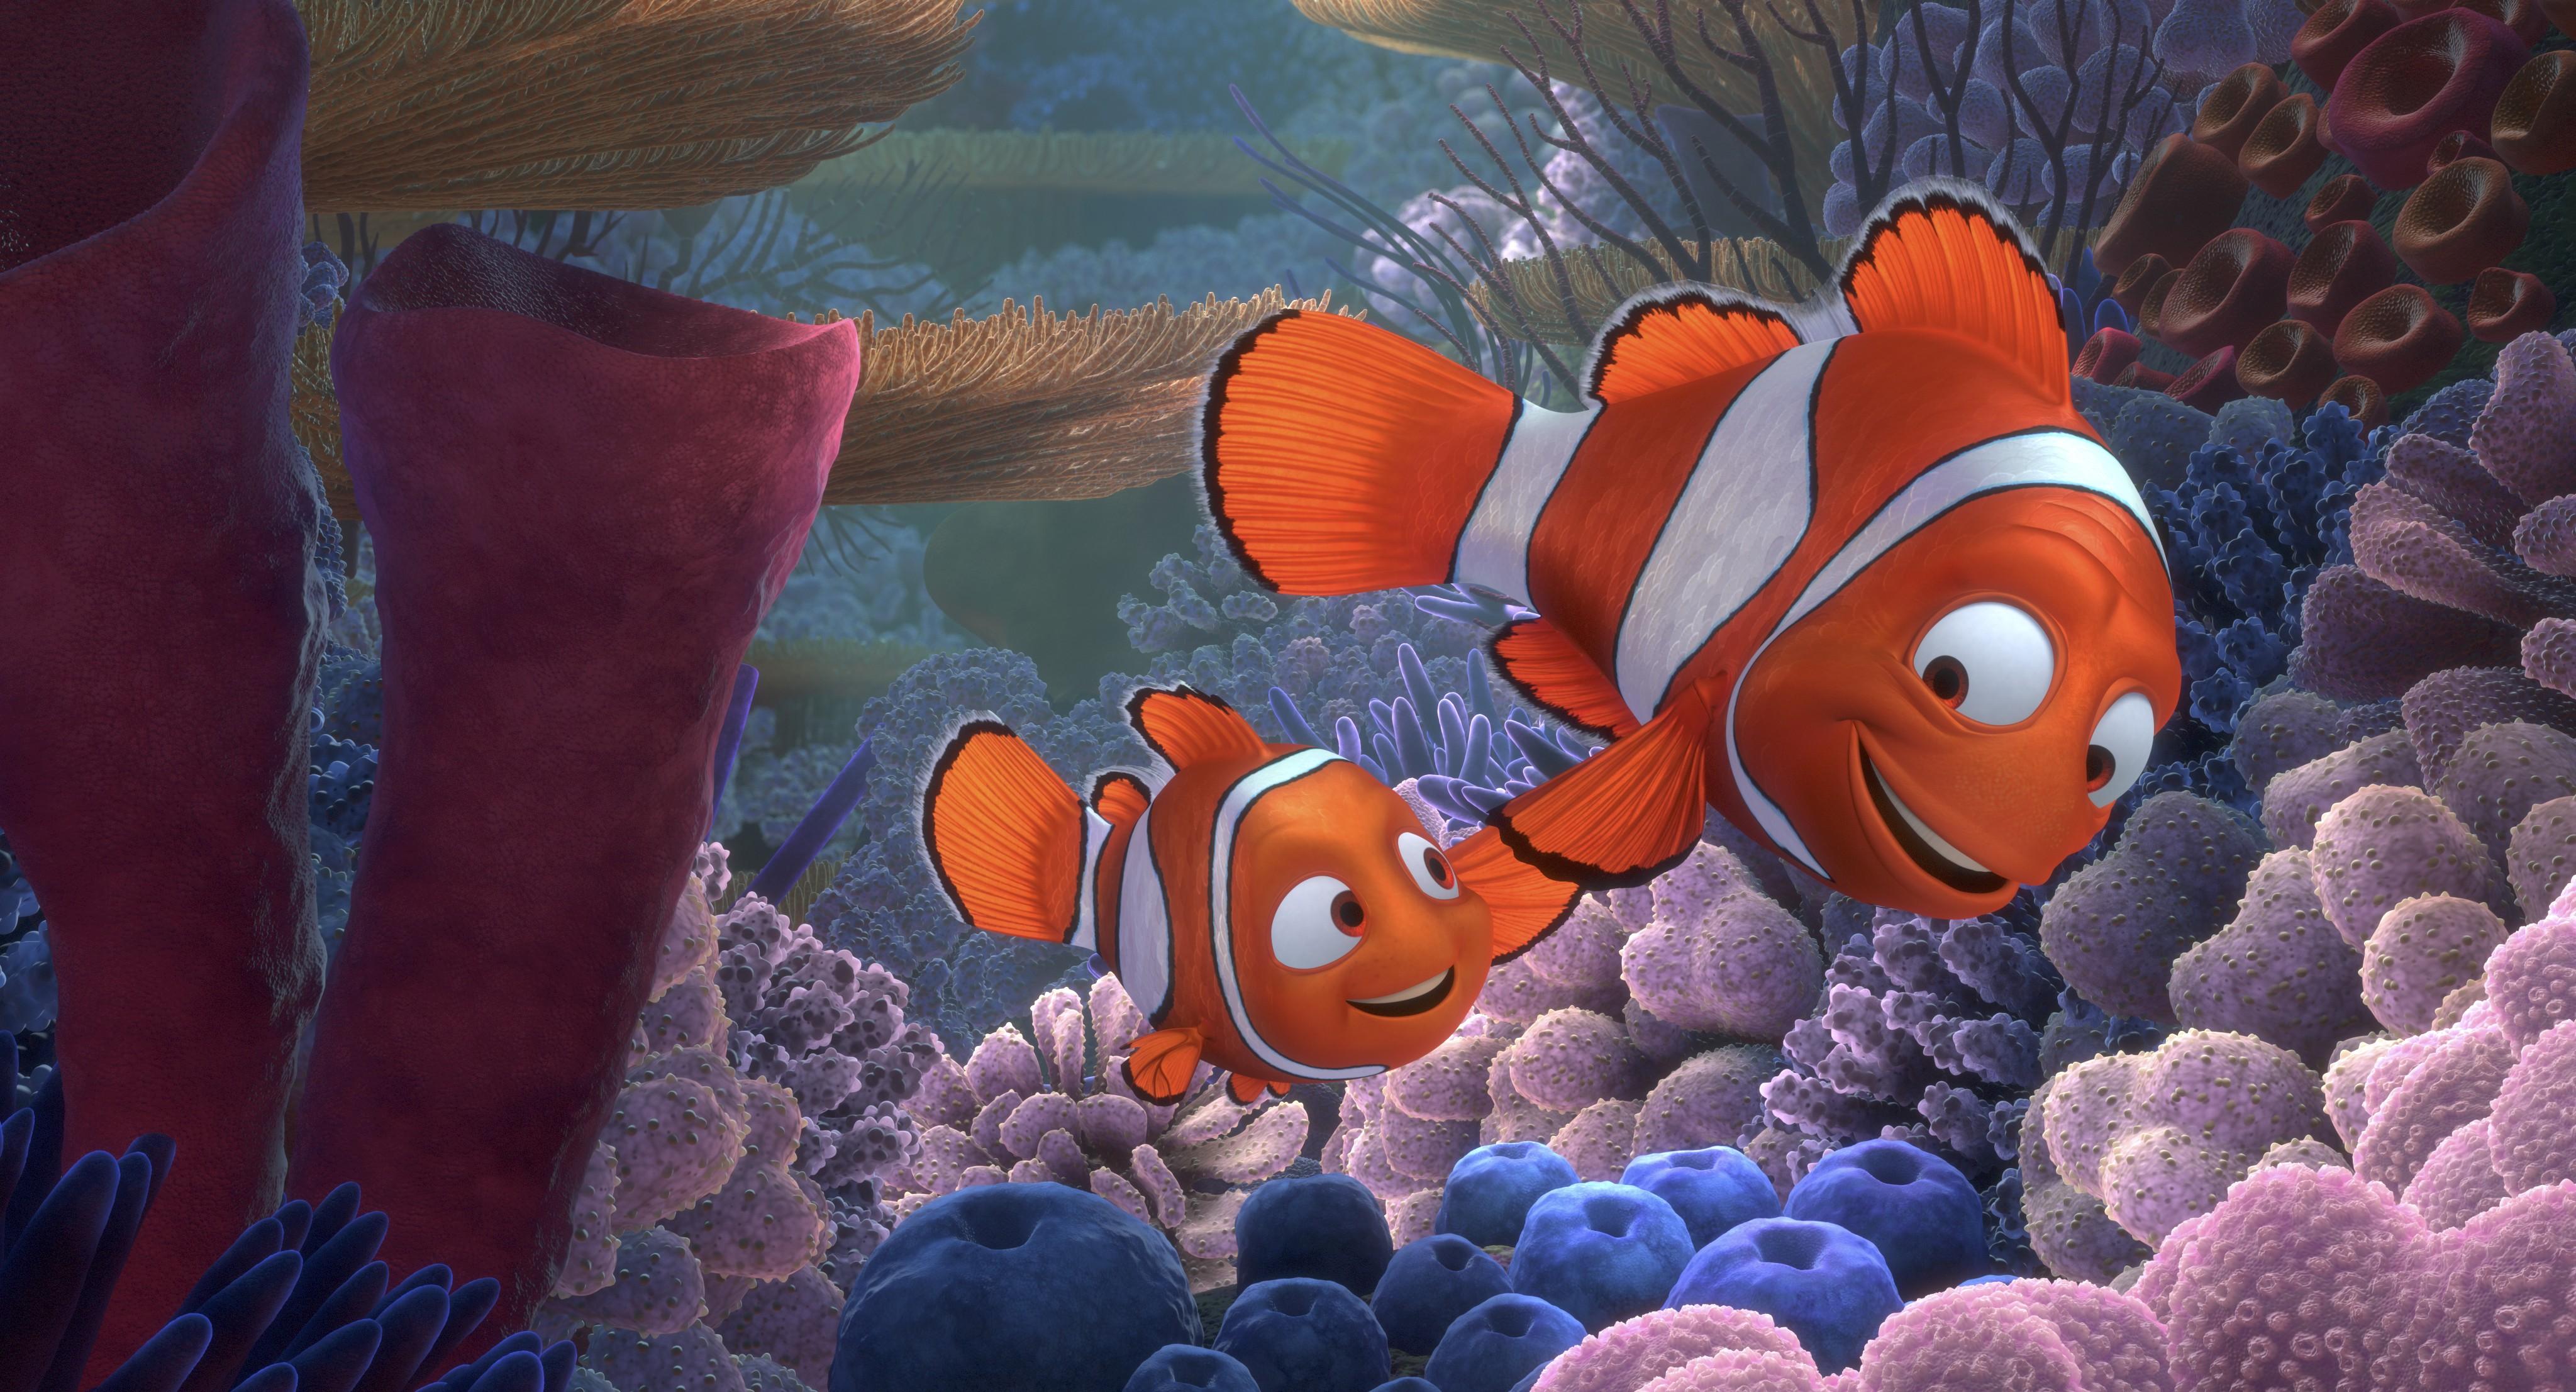 Na realidade, a relação entre Marley e Nemo poderia ser bem diferente (Foto: Divulgação )